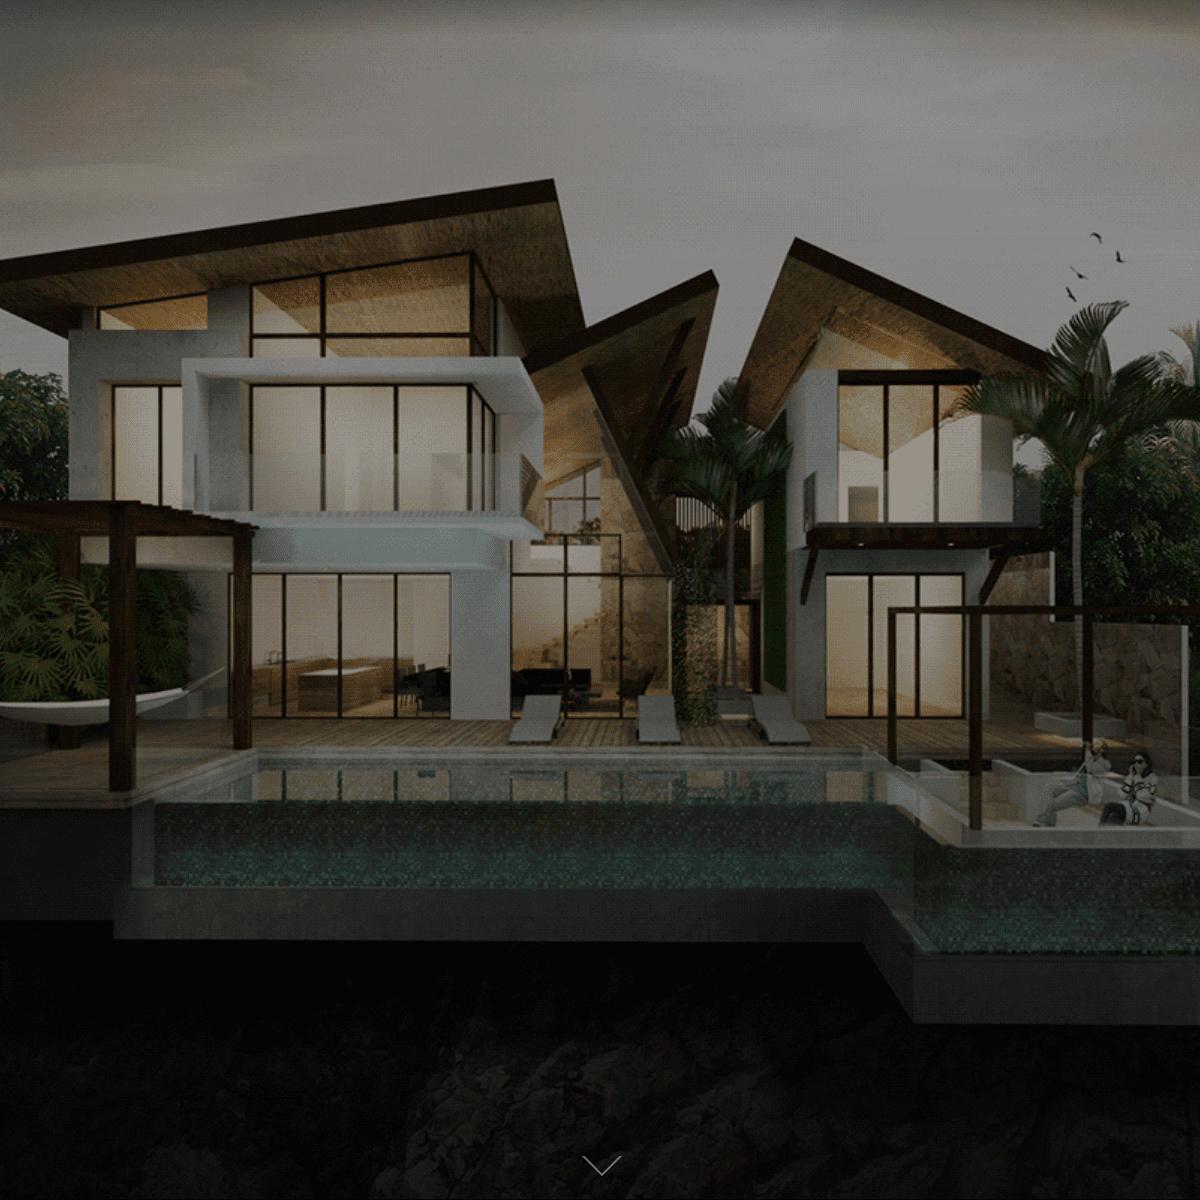 Caliptra Arquitectura